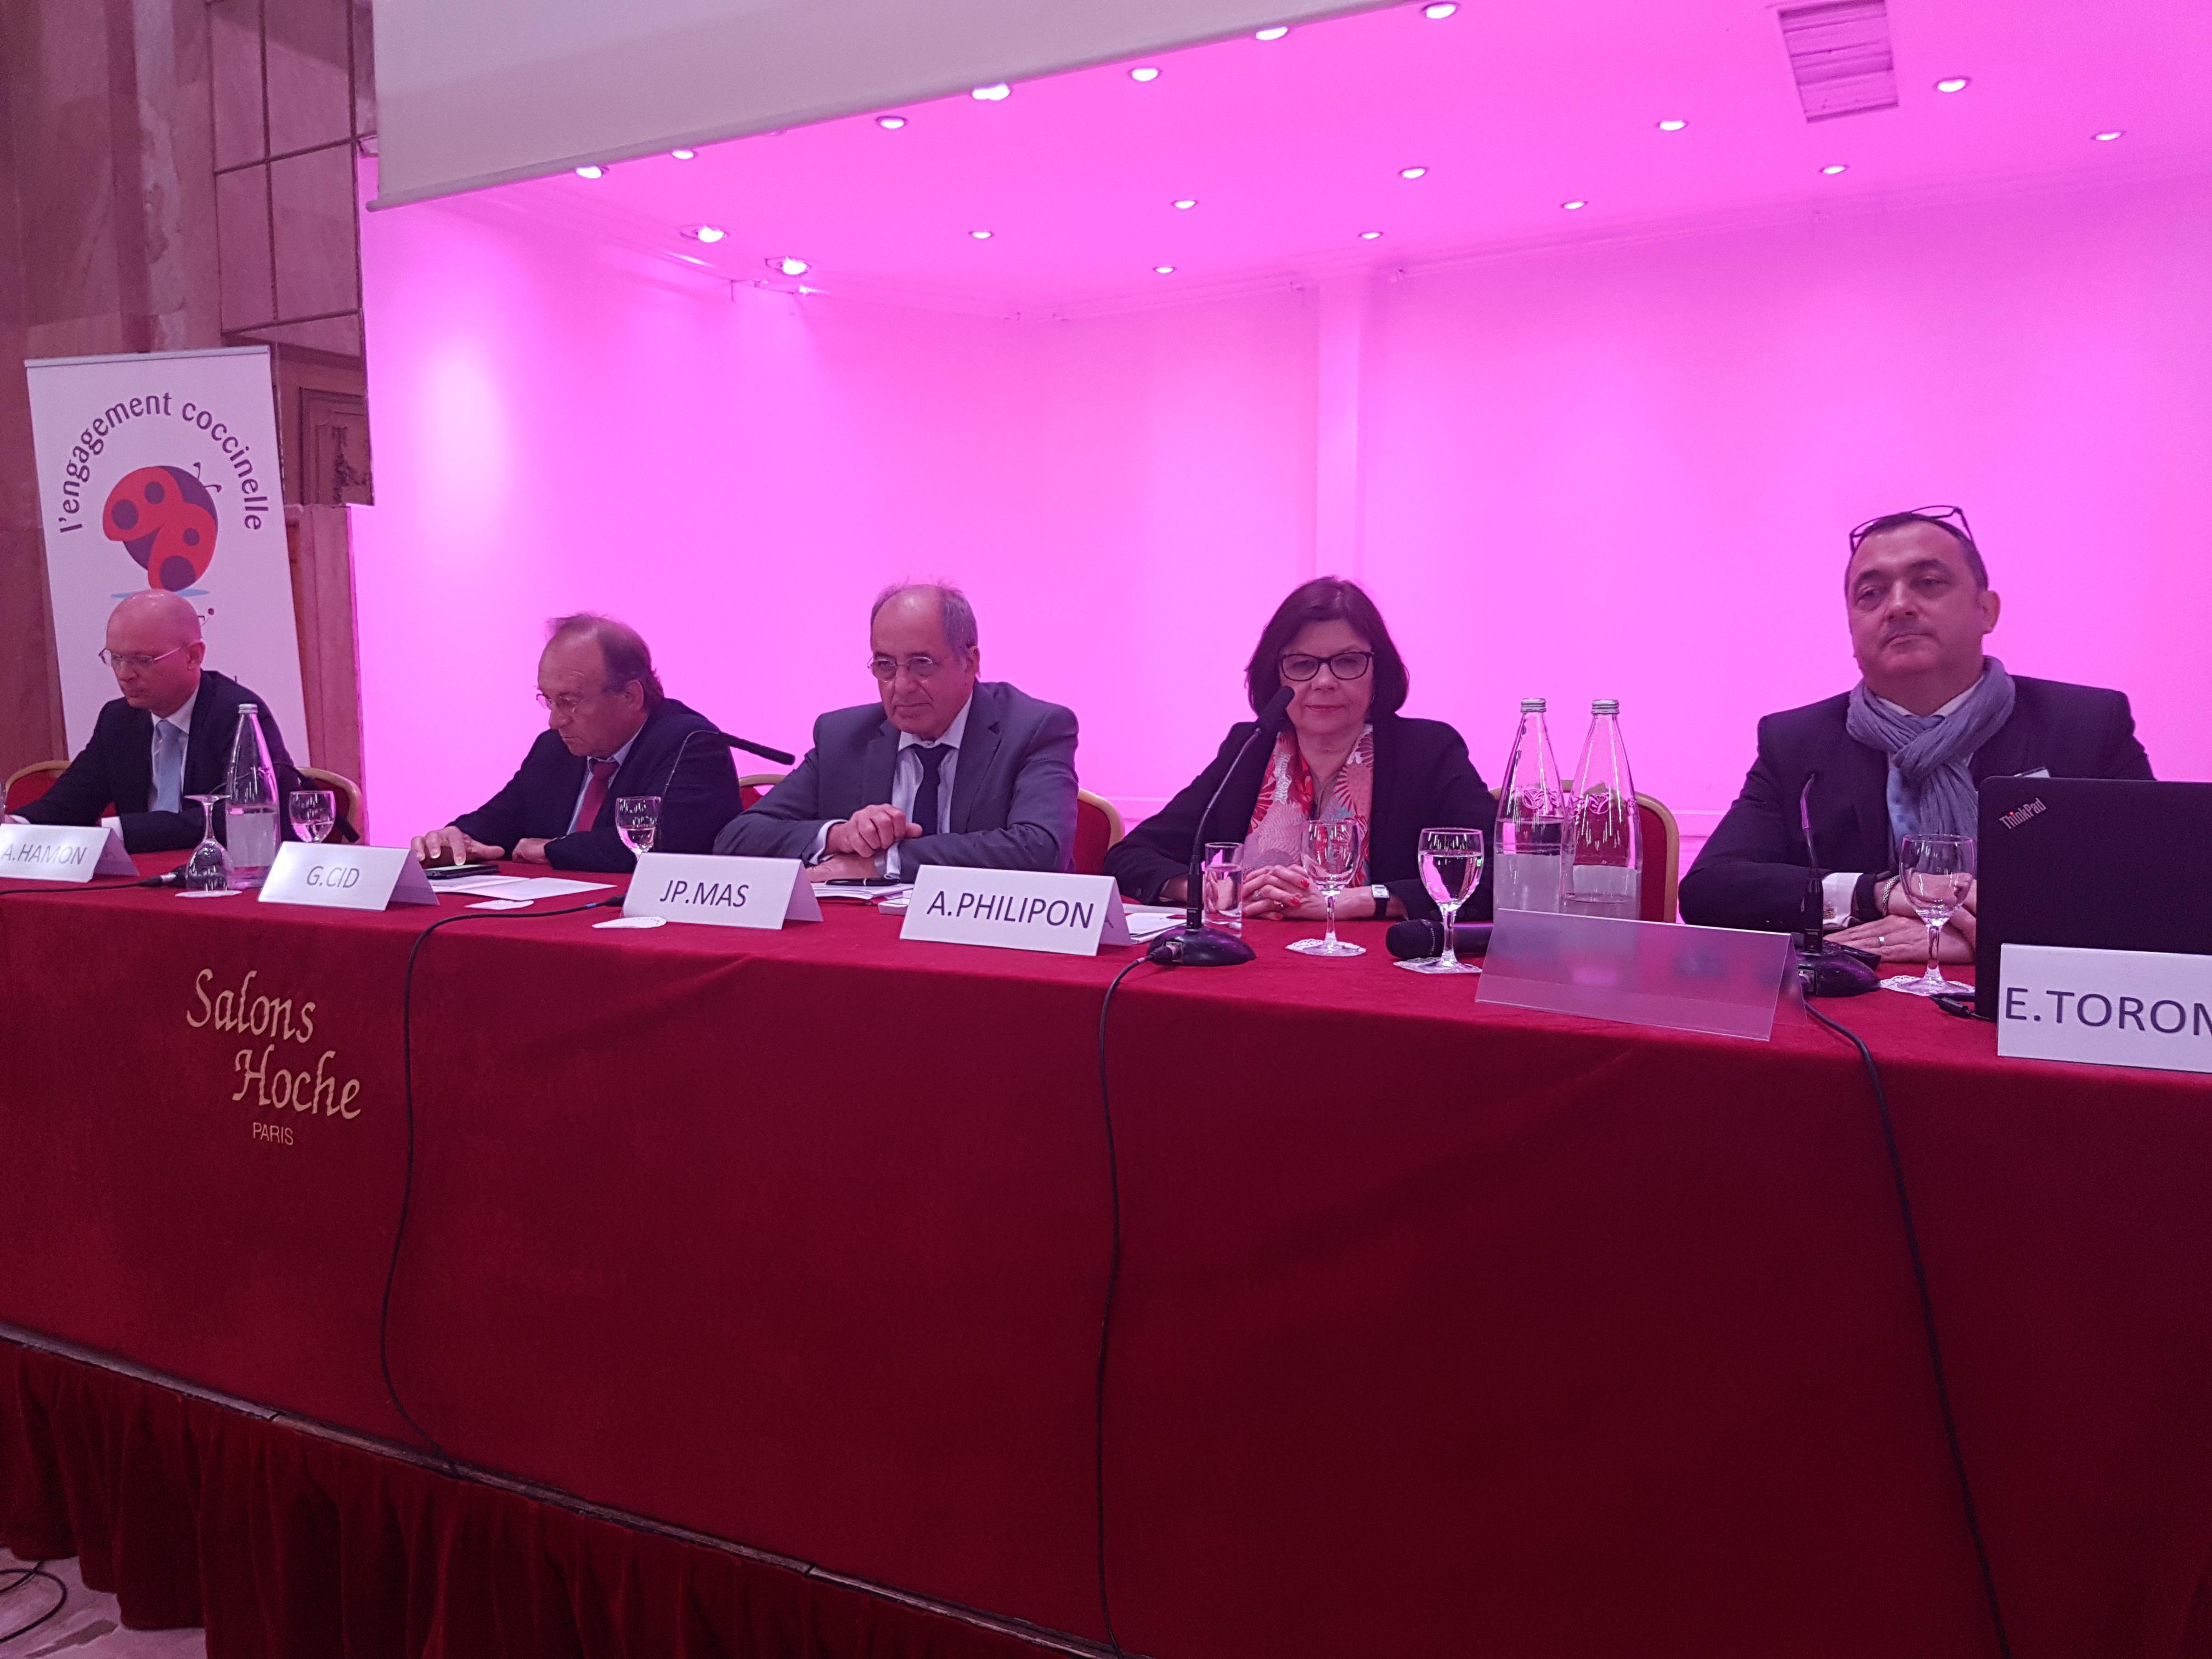 L'assemblée générale de l'APST - photo CE